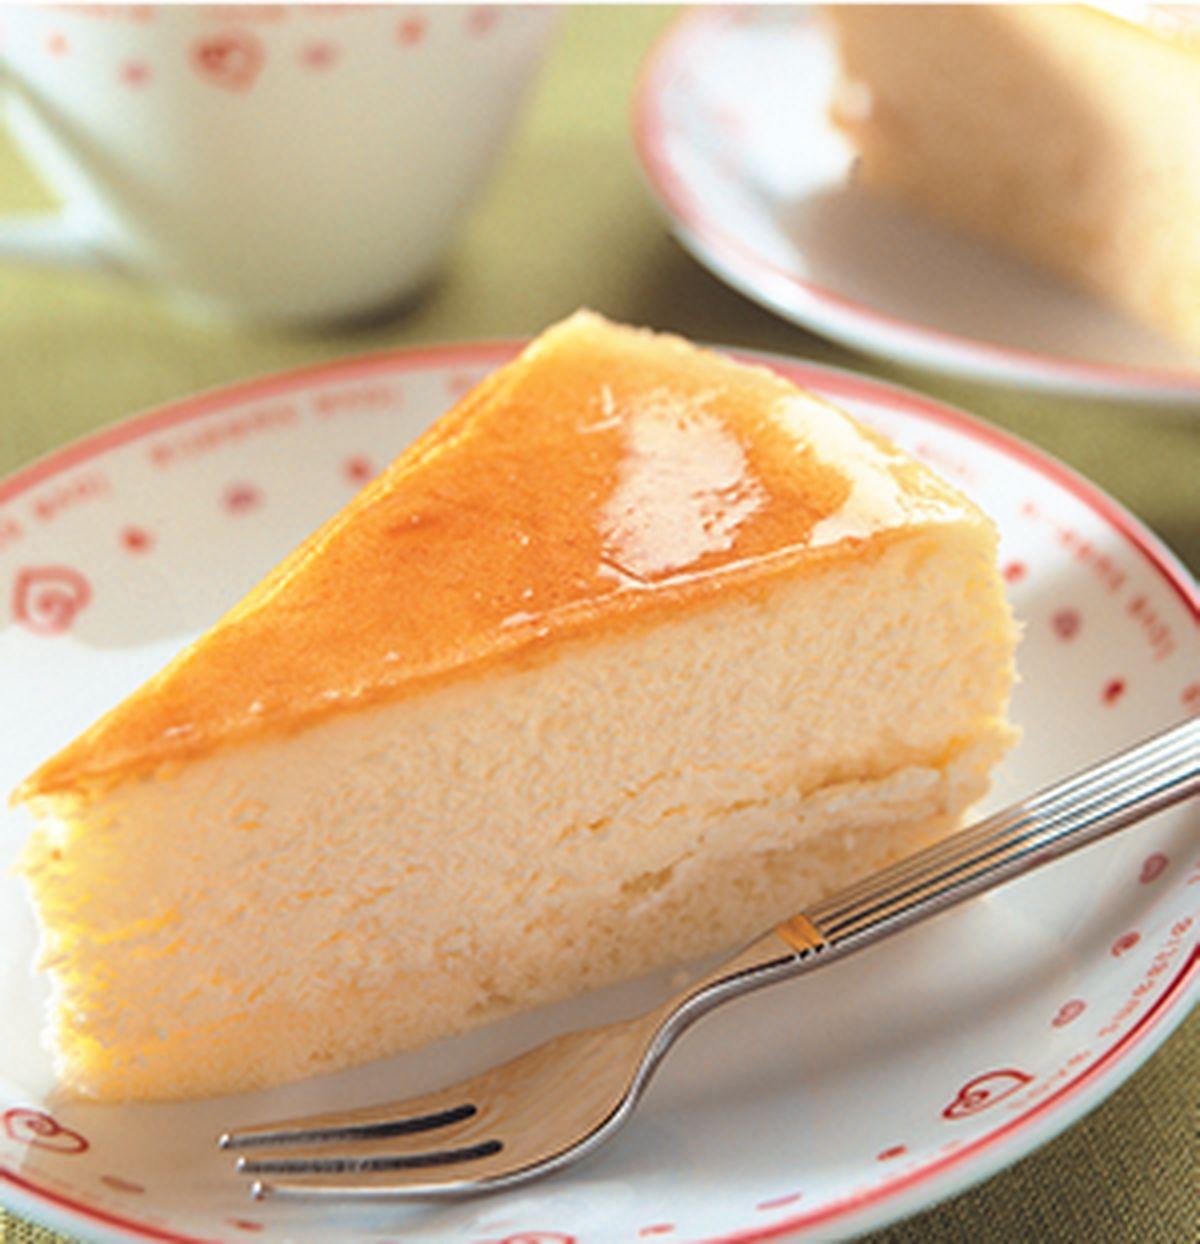 食譜:紐約重乳酪蛋糕